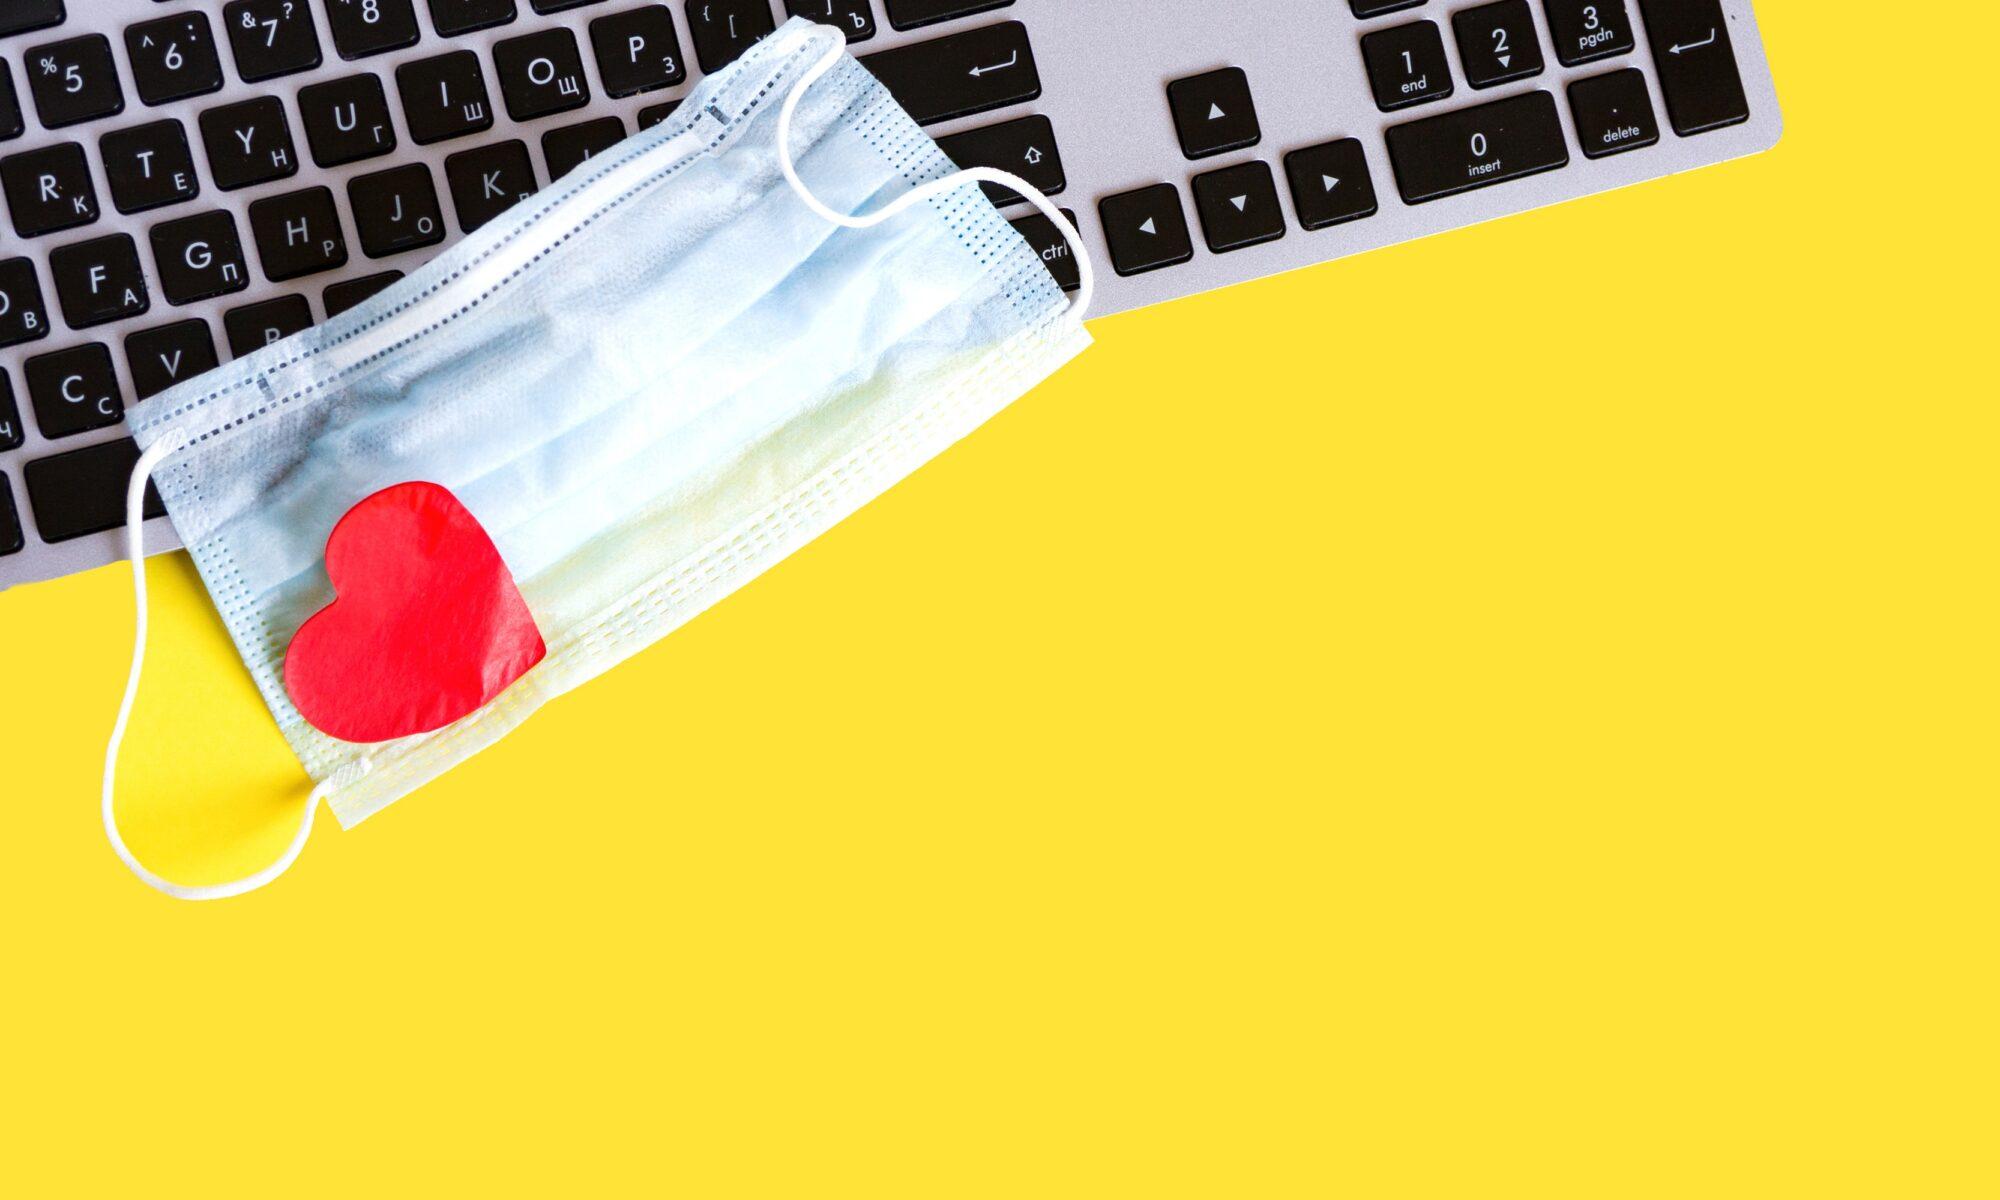 Gesichtsmaske und Herz liegen auf einer Tastatur